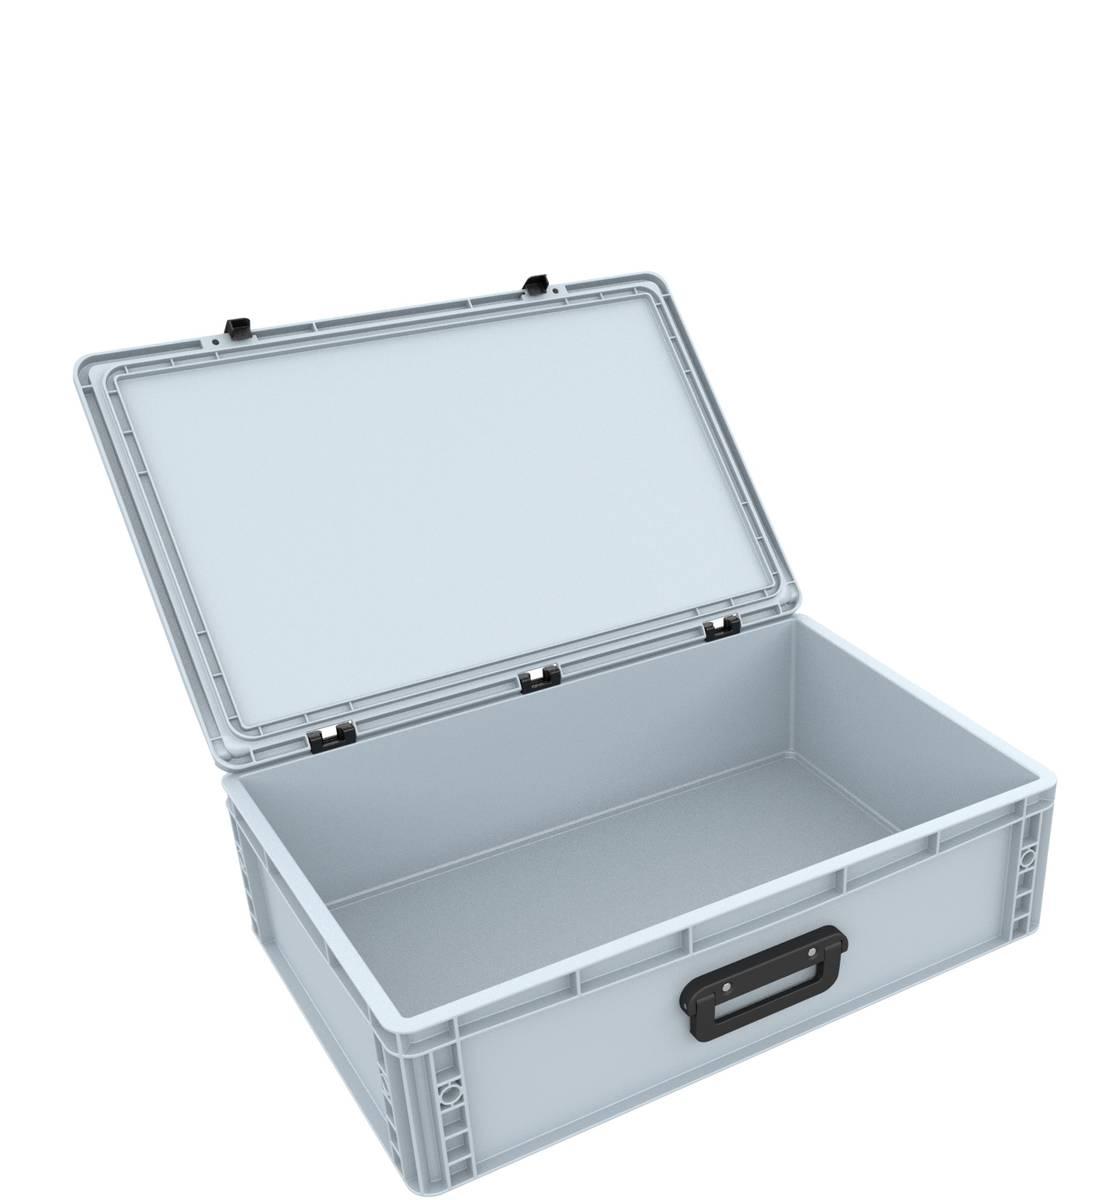 DSEB165G Eurobehälter Koffer mit Griff ED 64/17 1G